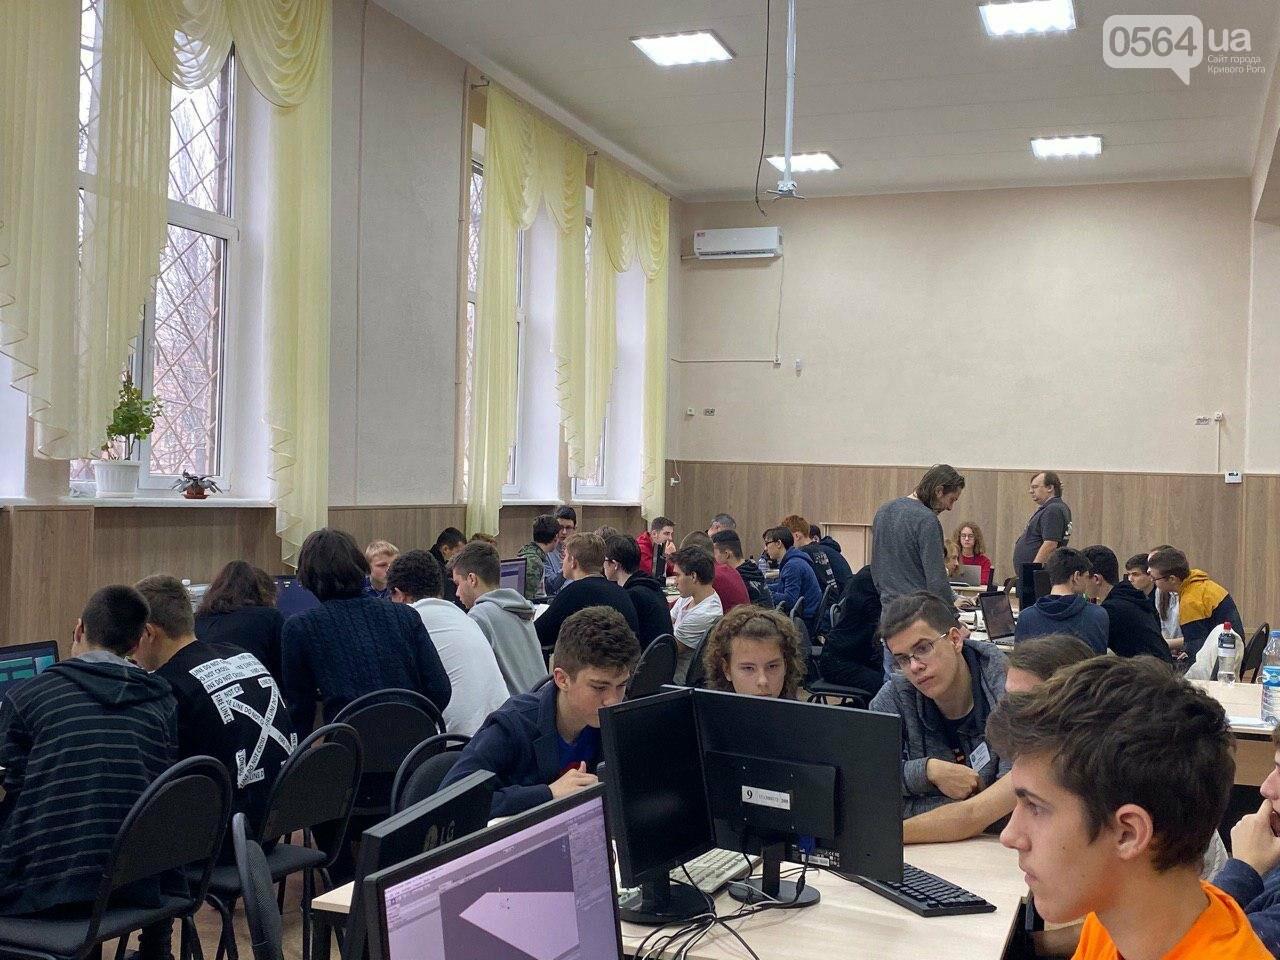 Впервые в Кривом Роге проходит Всеукраинский турнир юных информатиков, - ФОТО, фото-11